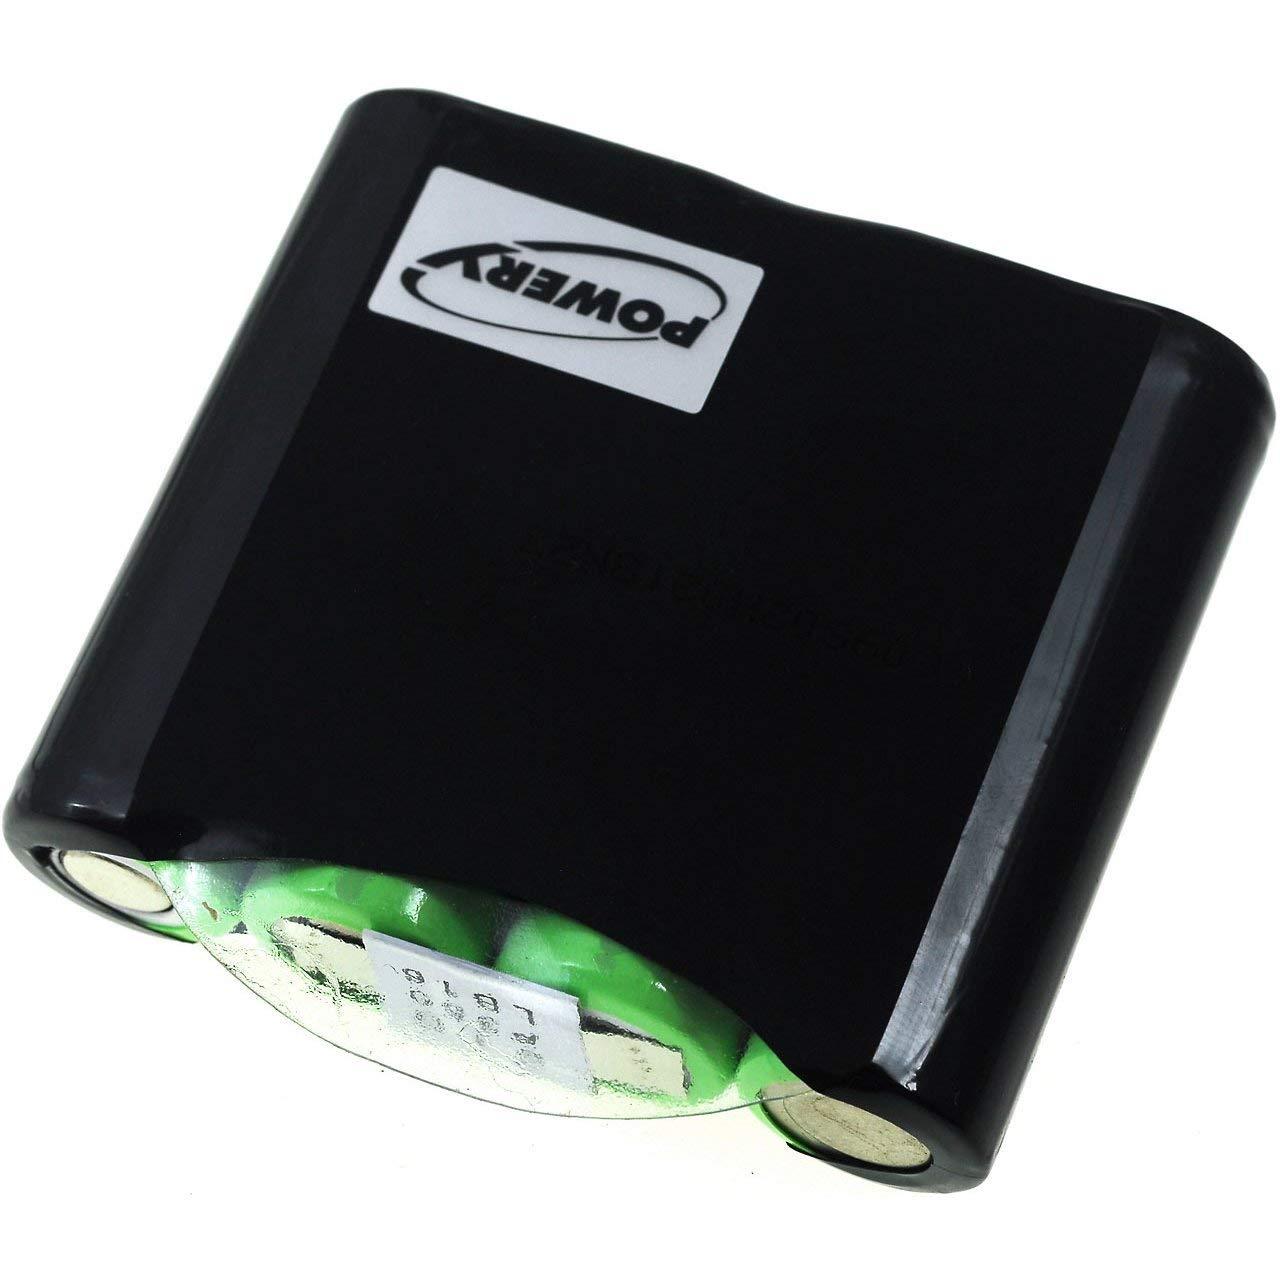 Bater/ía para Aparatos de Medici/ón X-Rite Modelo SE15-26